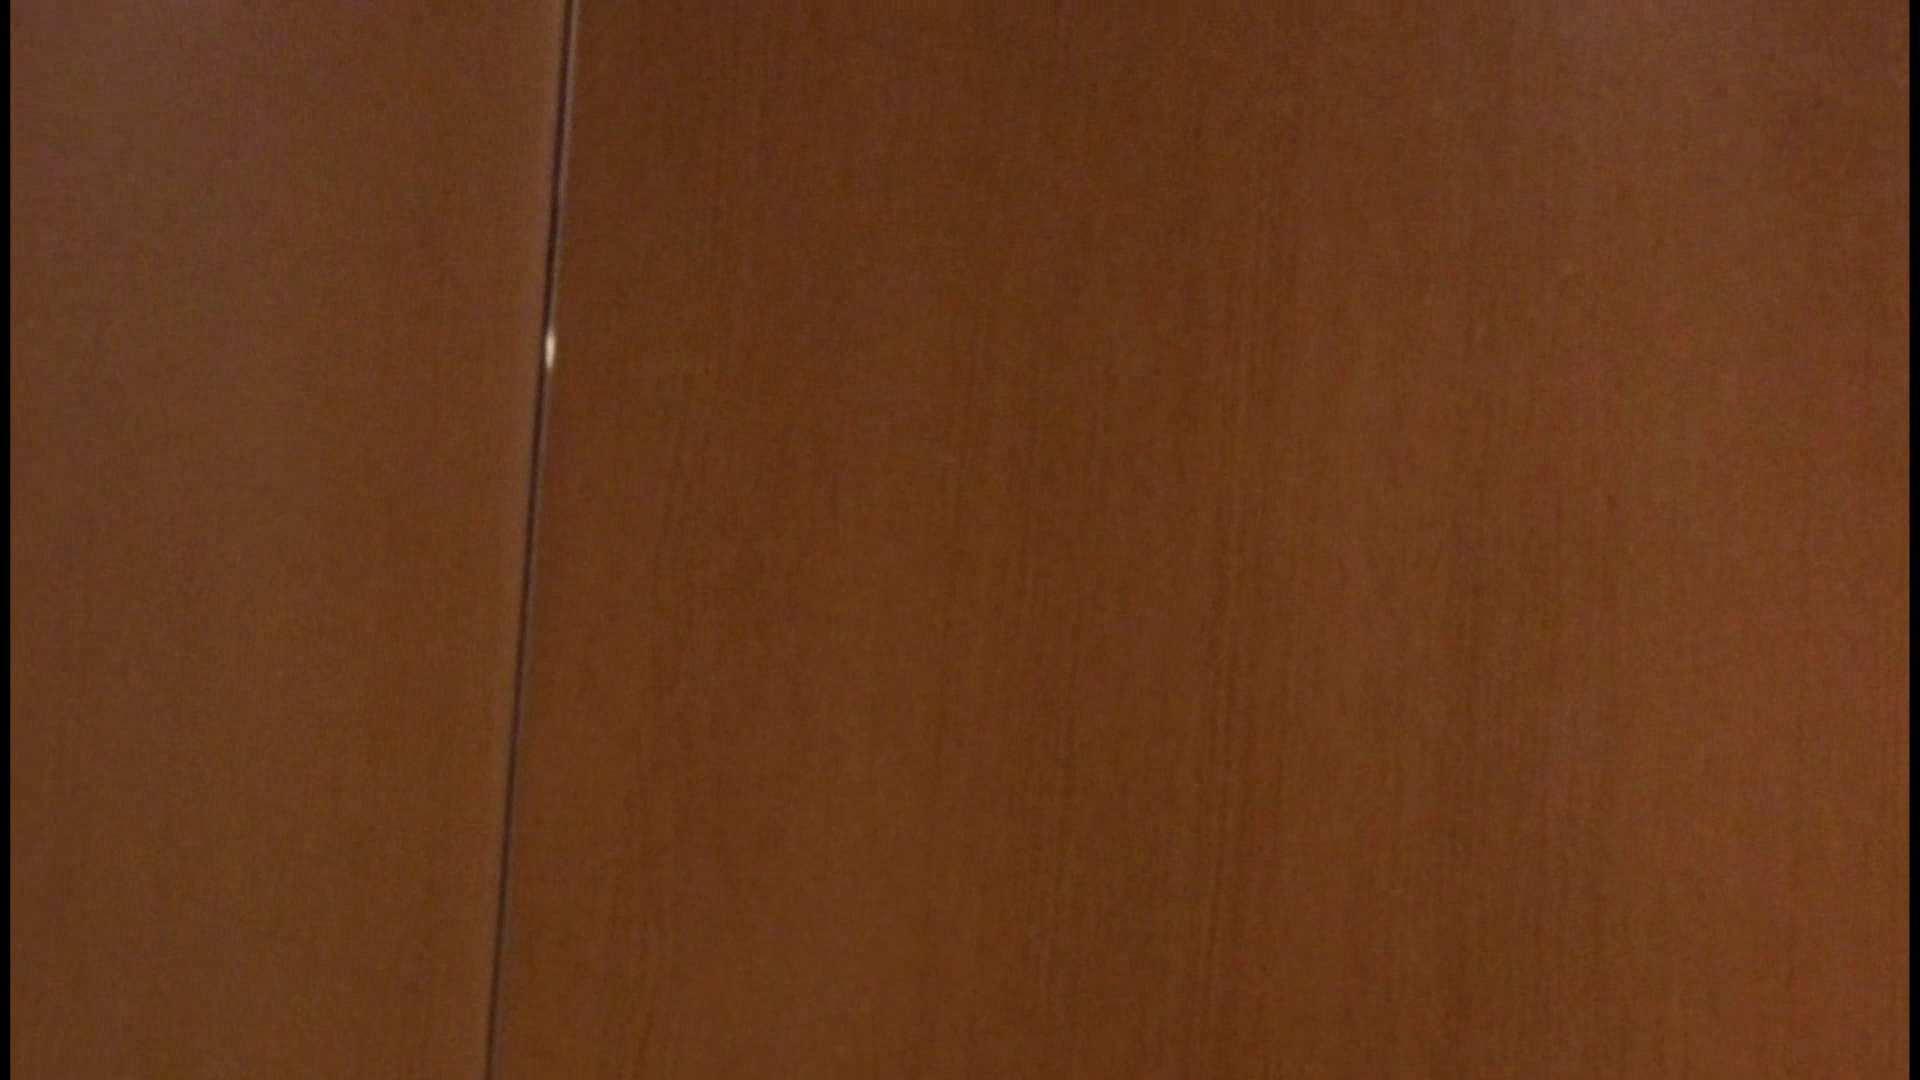 「噂」の国の厠観察日記2 Vol.08 厠   人気シリーズ  80連発 64